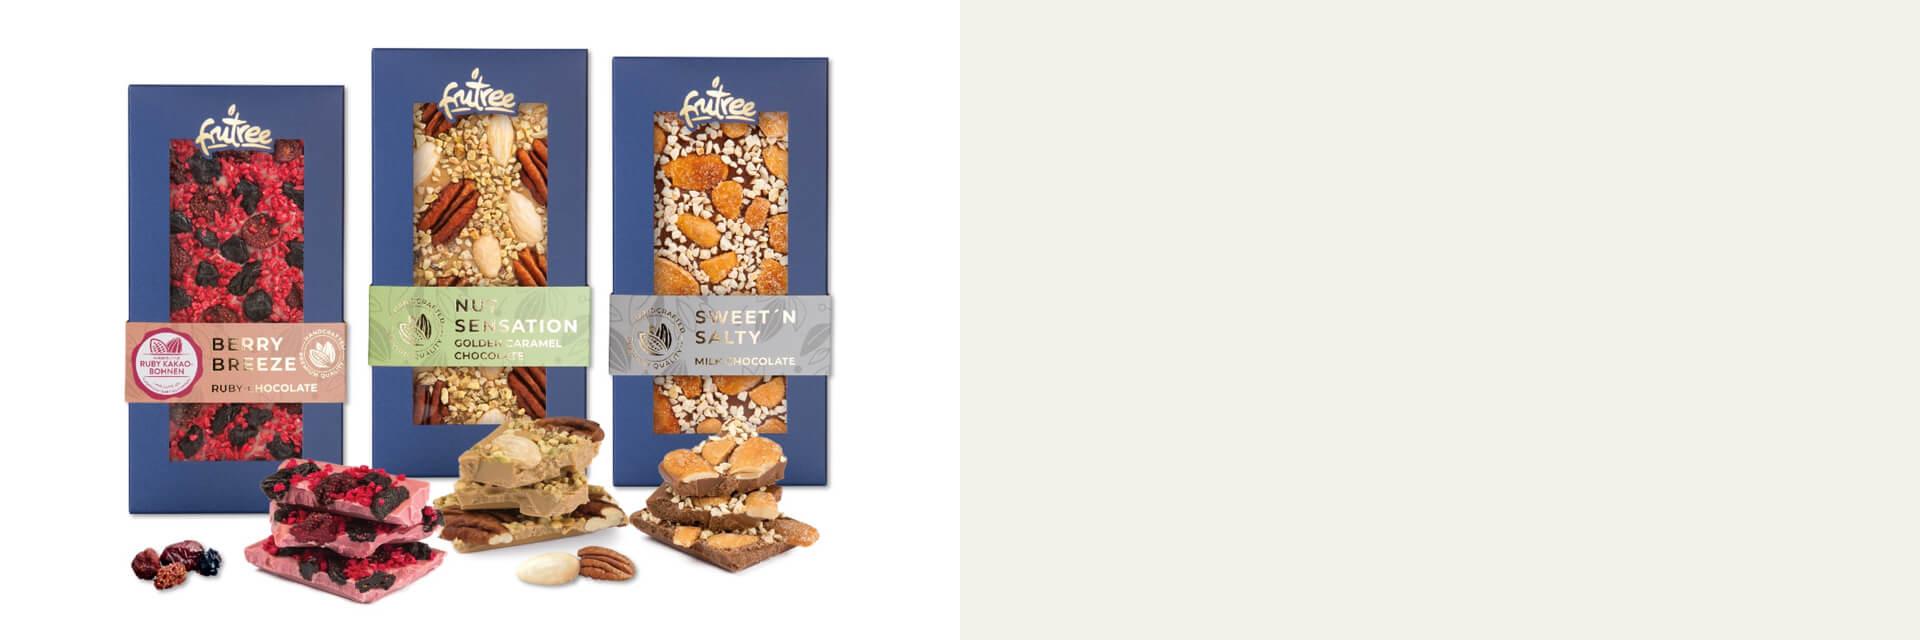 Nové výrobky z jemné čokolády, sušeného ovoce a ořechů s garancí čisté a přirozené chutě přímo od výrobce FruTree